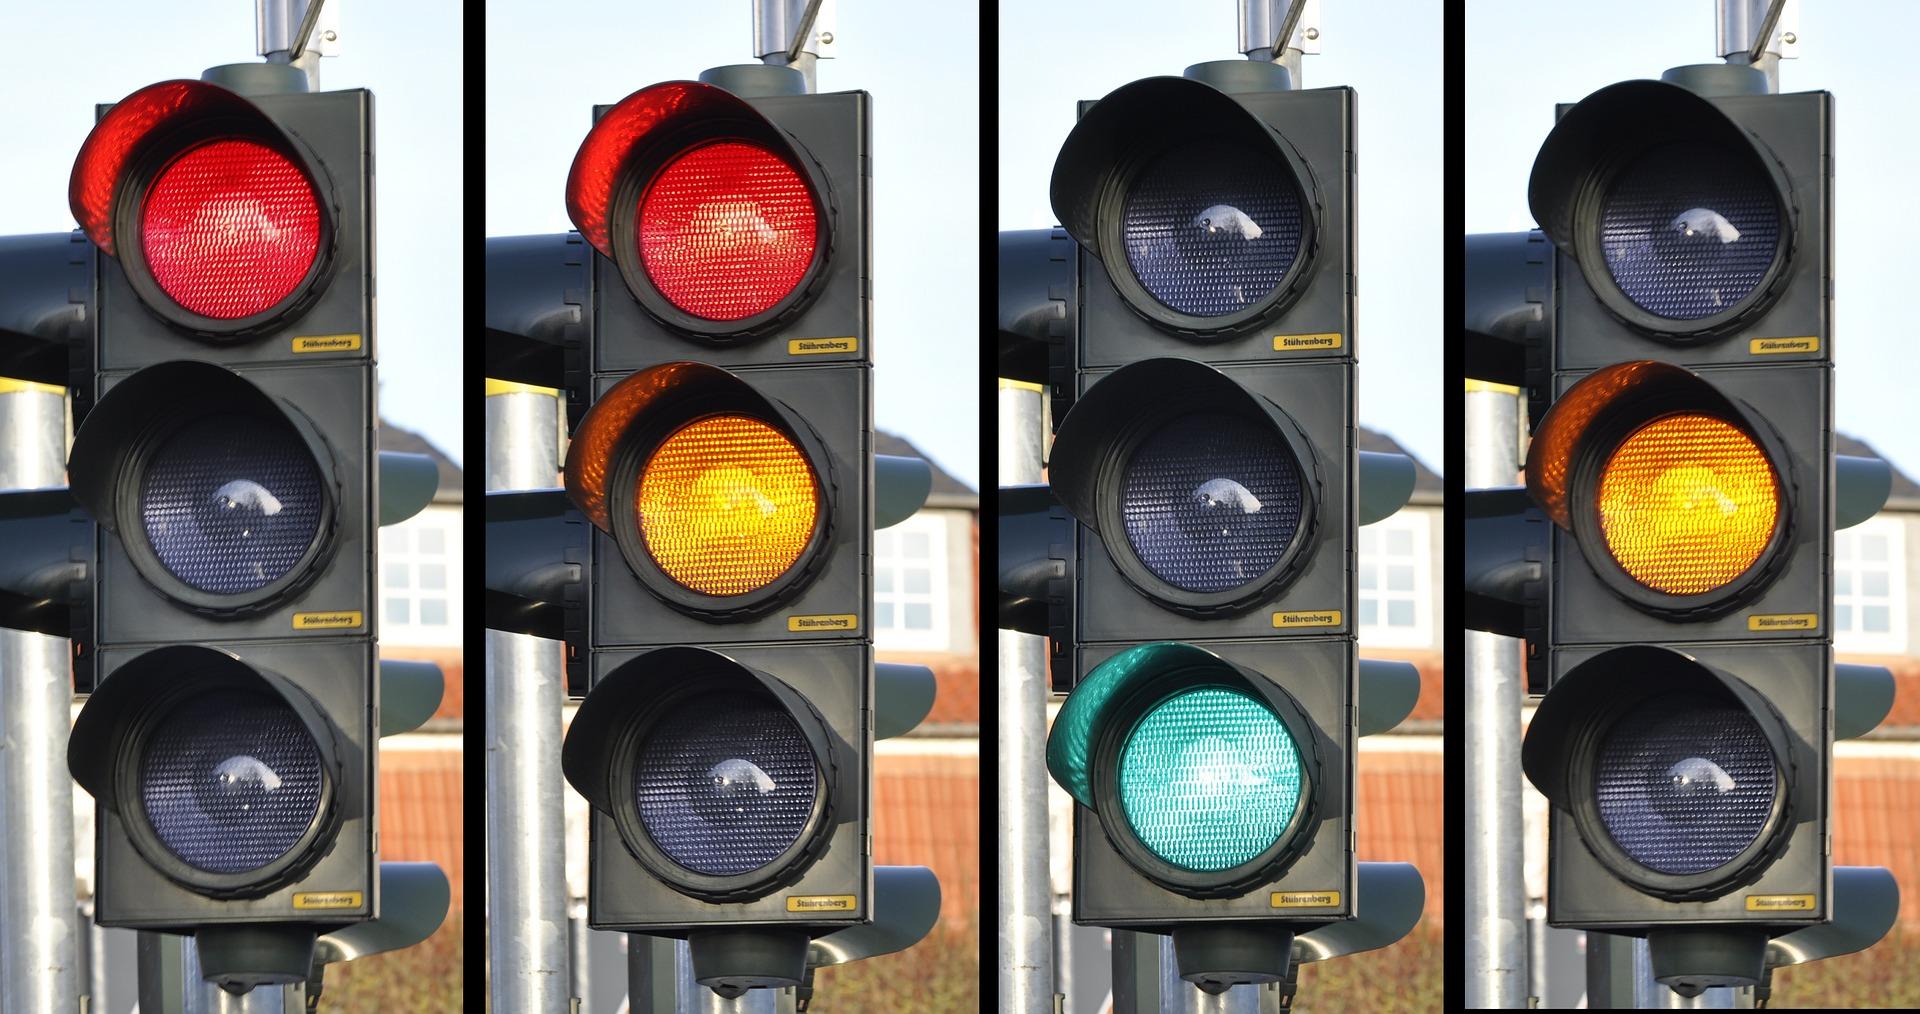 traffic-light-876056_1920 La discapacidad un reto para la Seguridad Vial